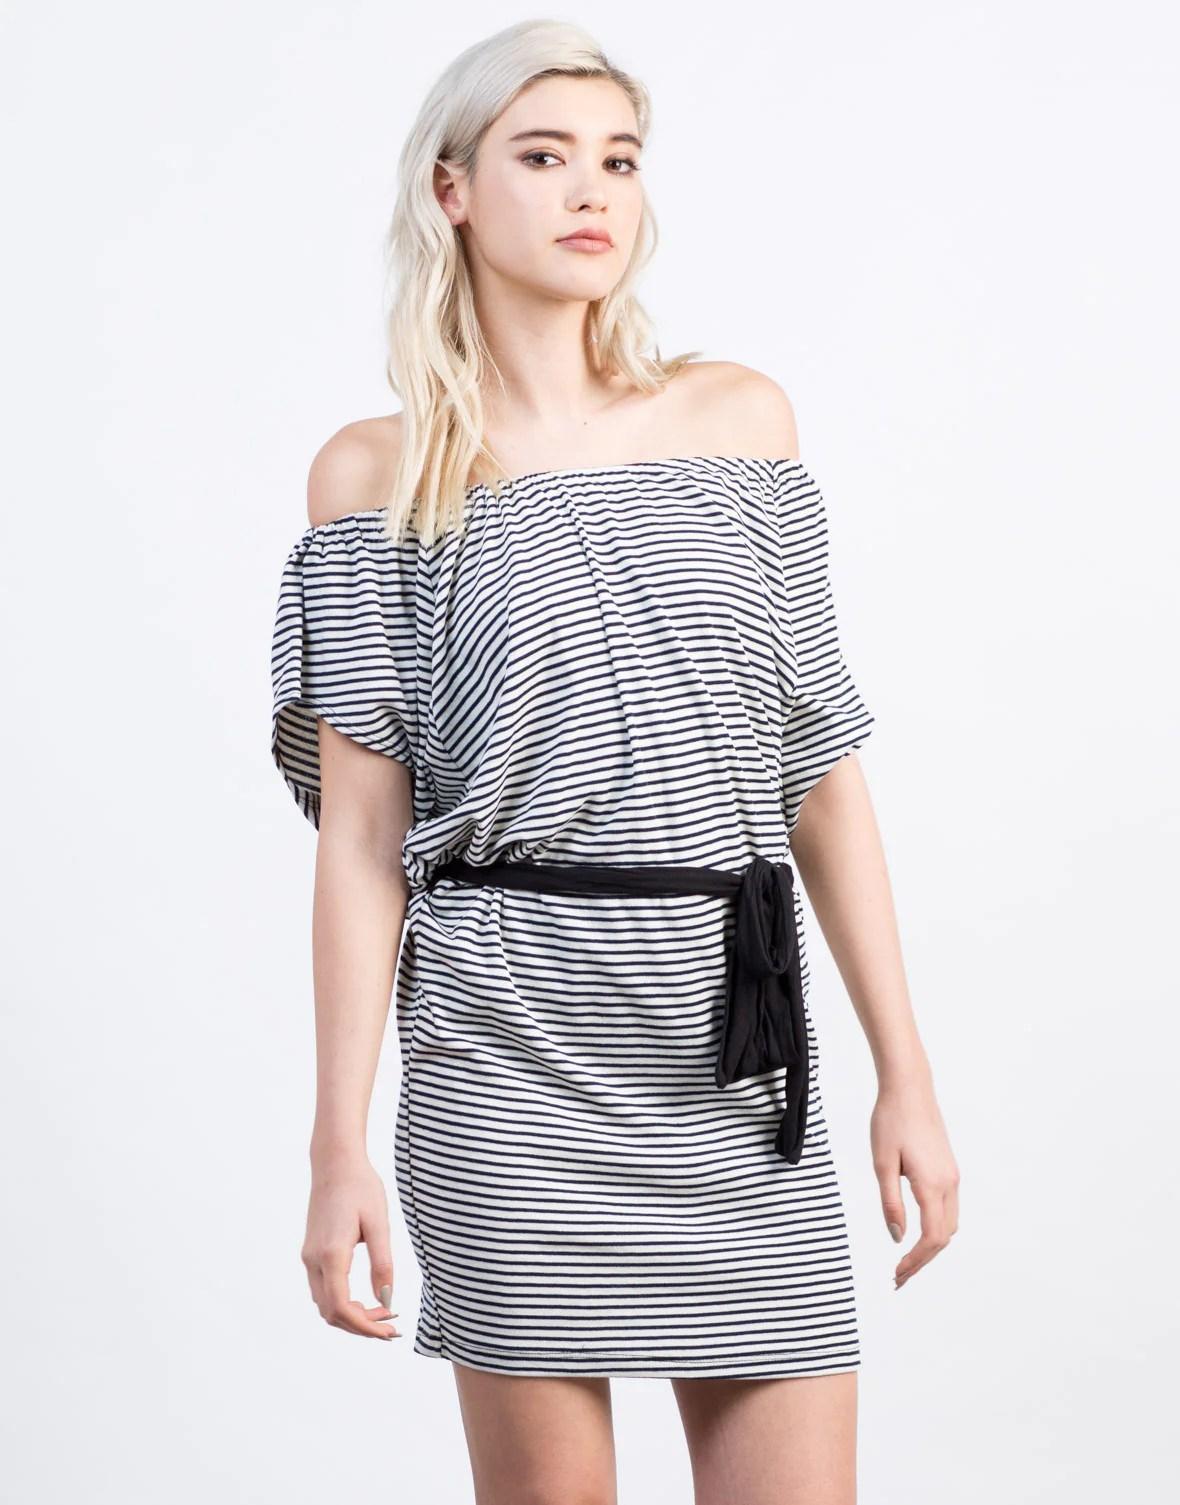 Striped Shoulder Dress - Day 2020ave